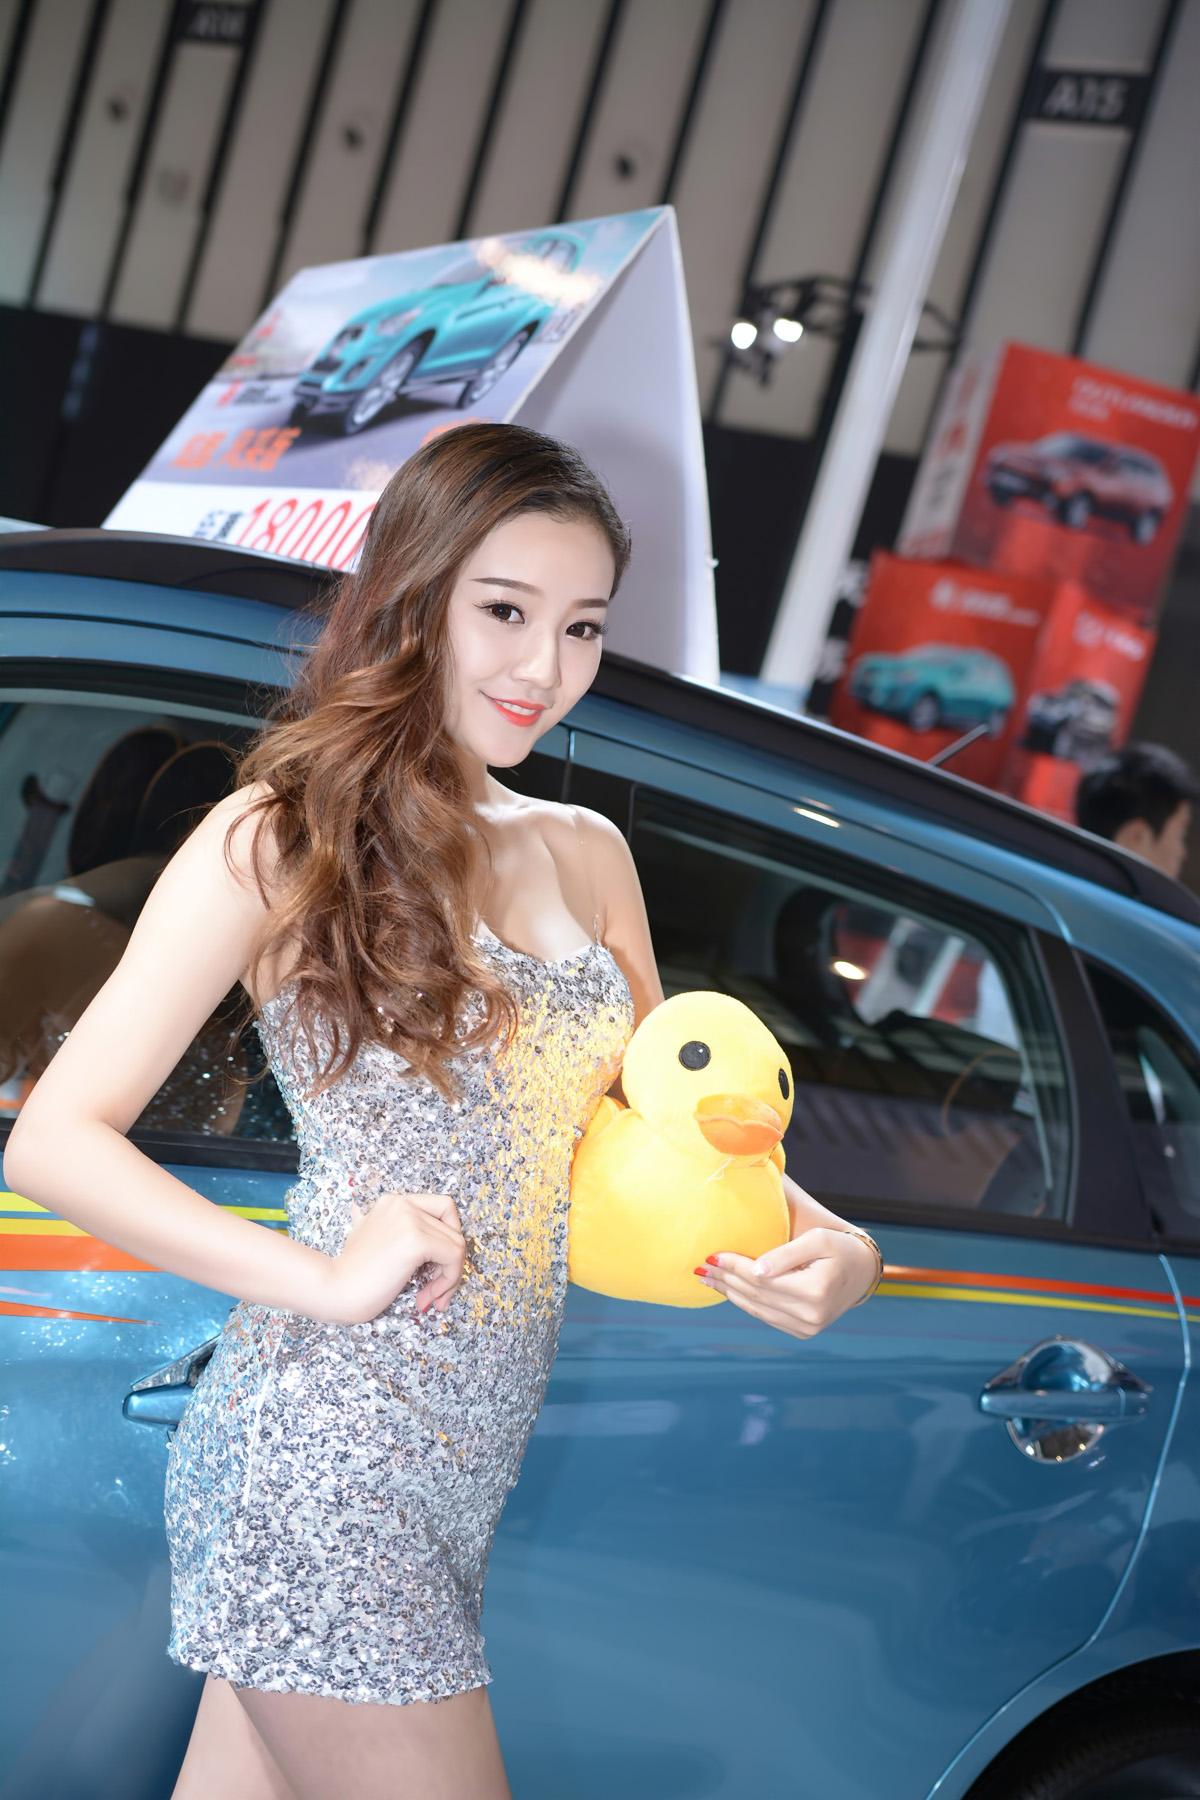 性感婀娜的大美女和她的鸭子